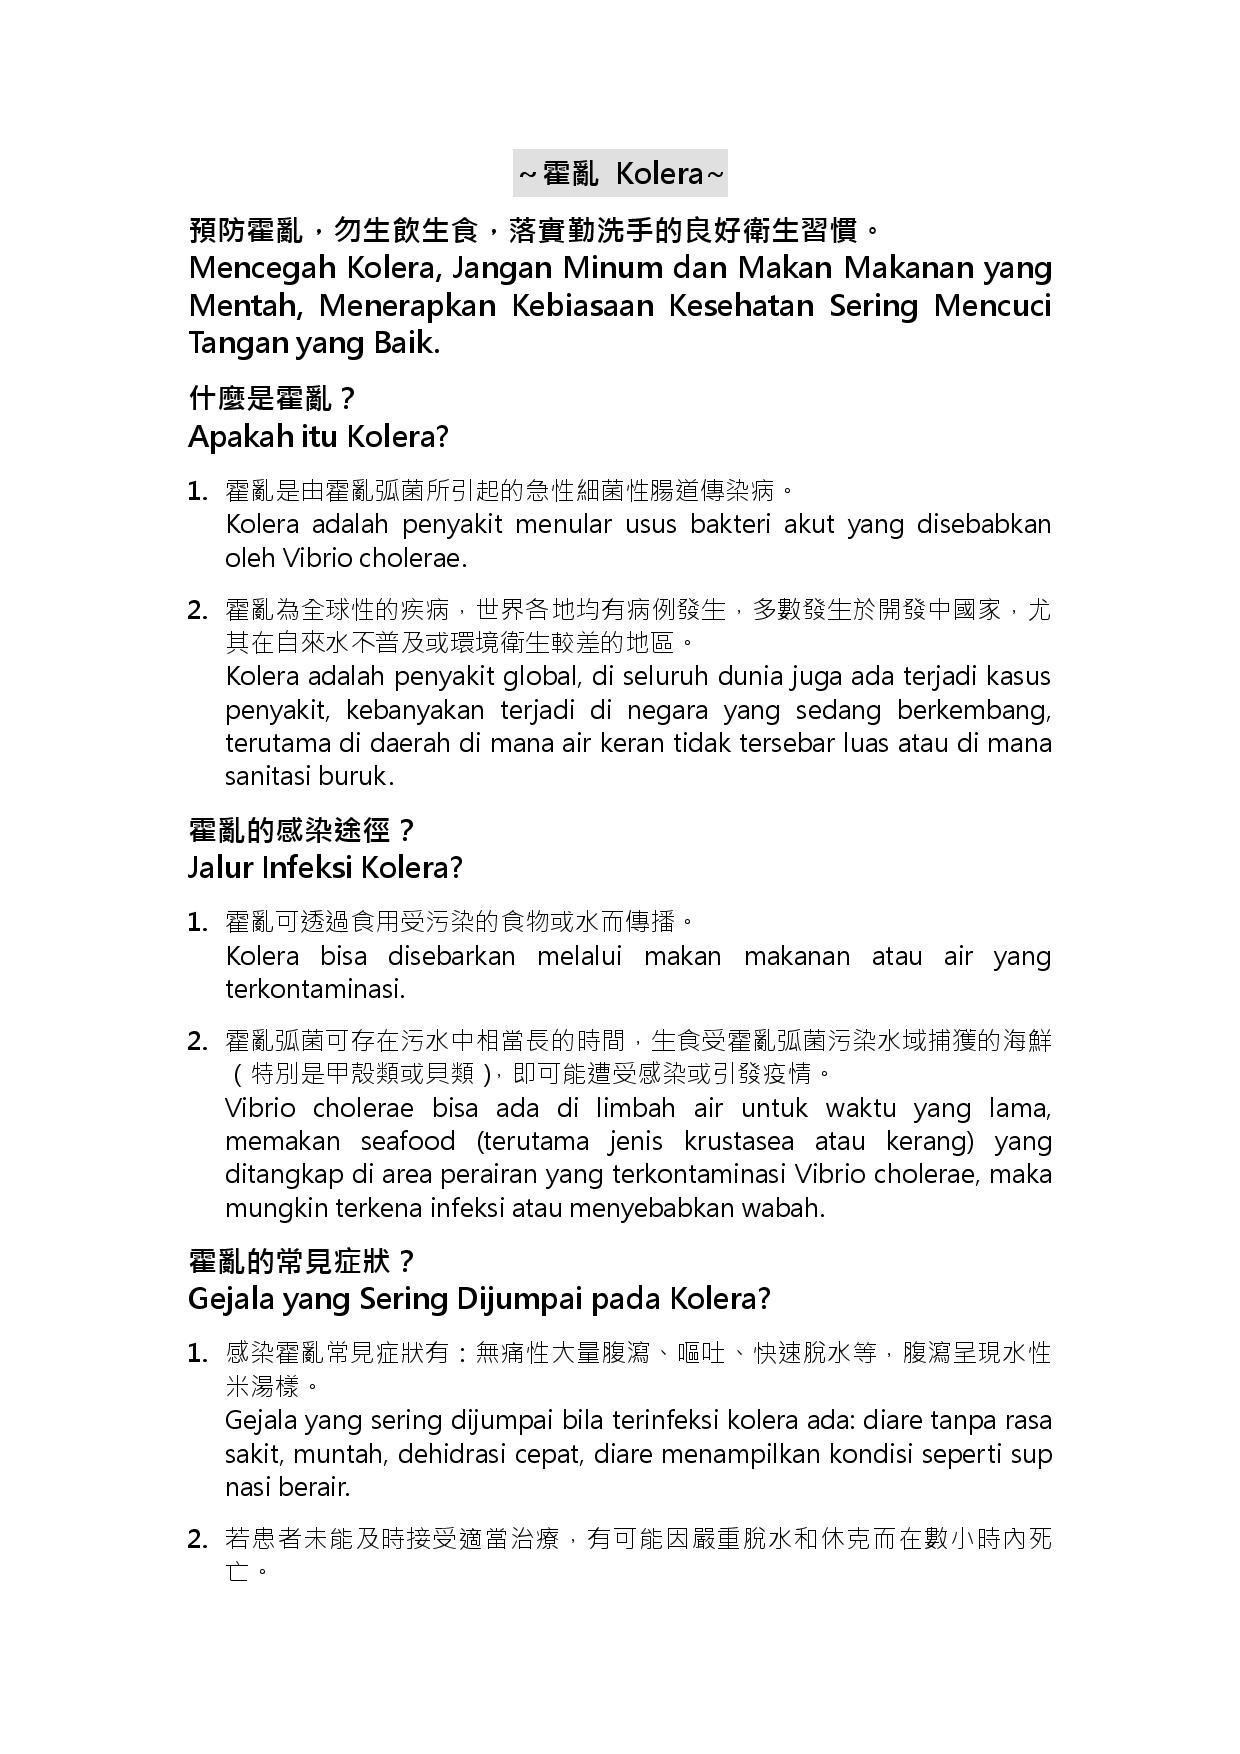 詳如附件【Klik】Mencegah Kolera(Halaman 1)預防霍亂(印尼文)